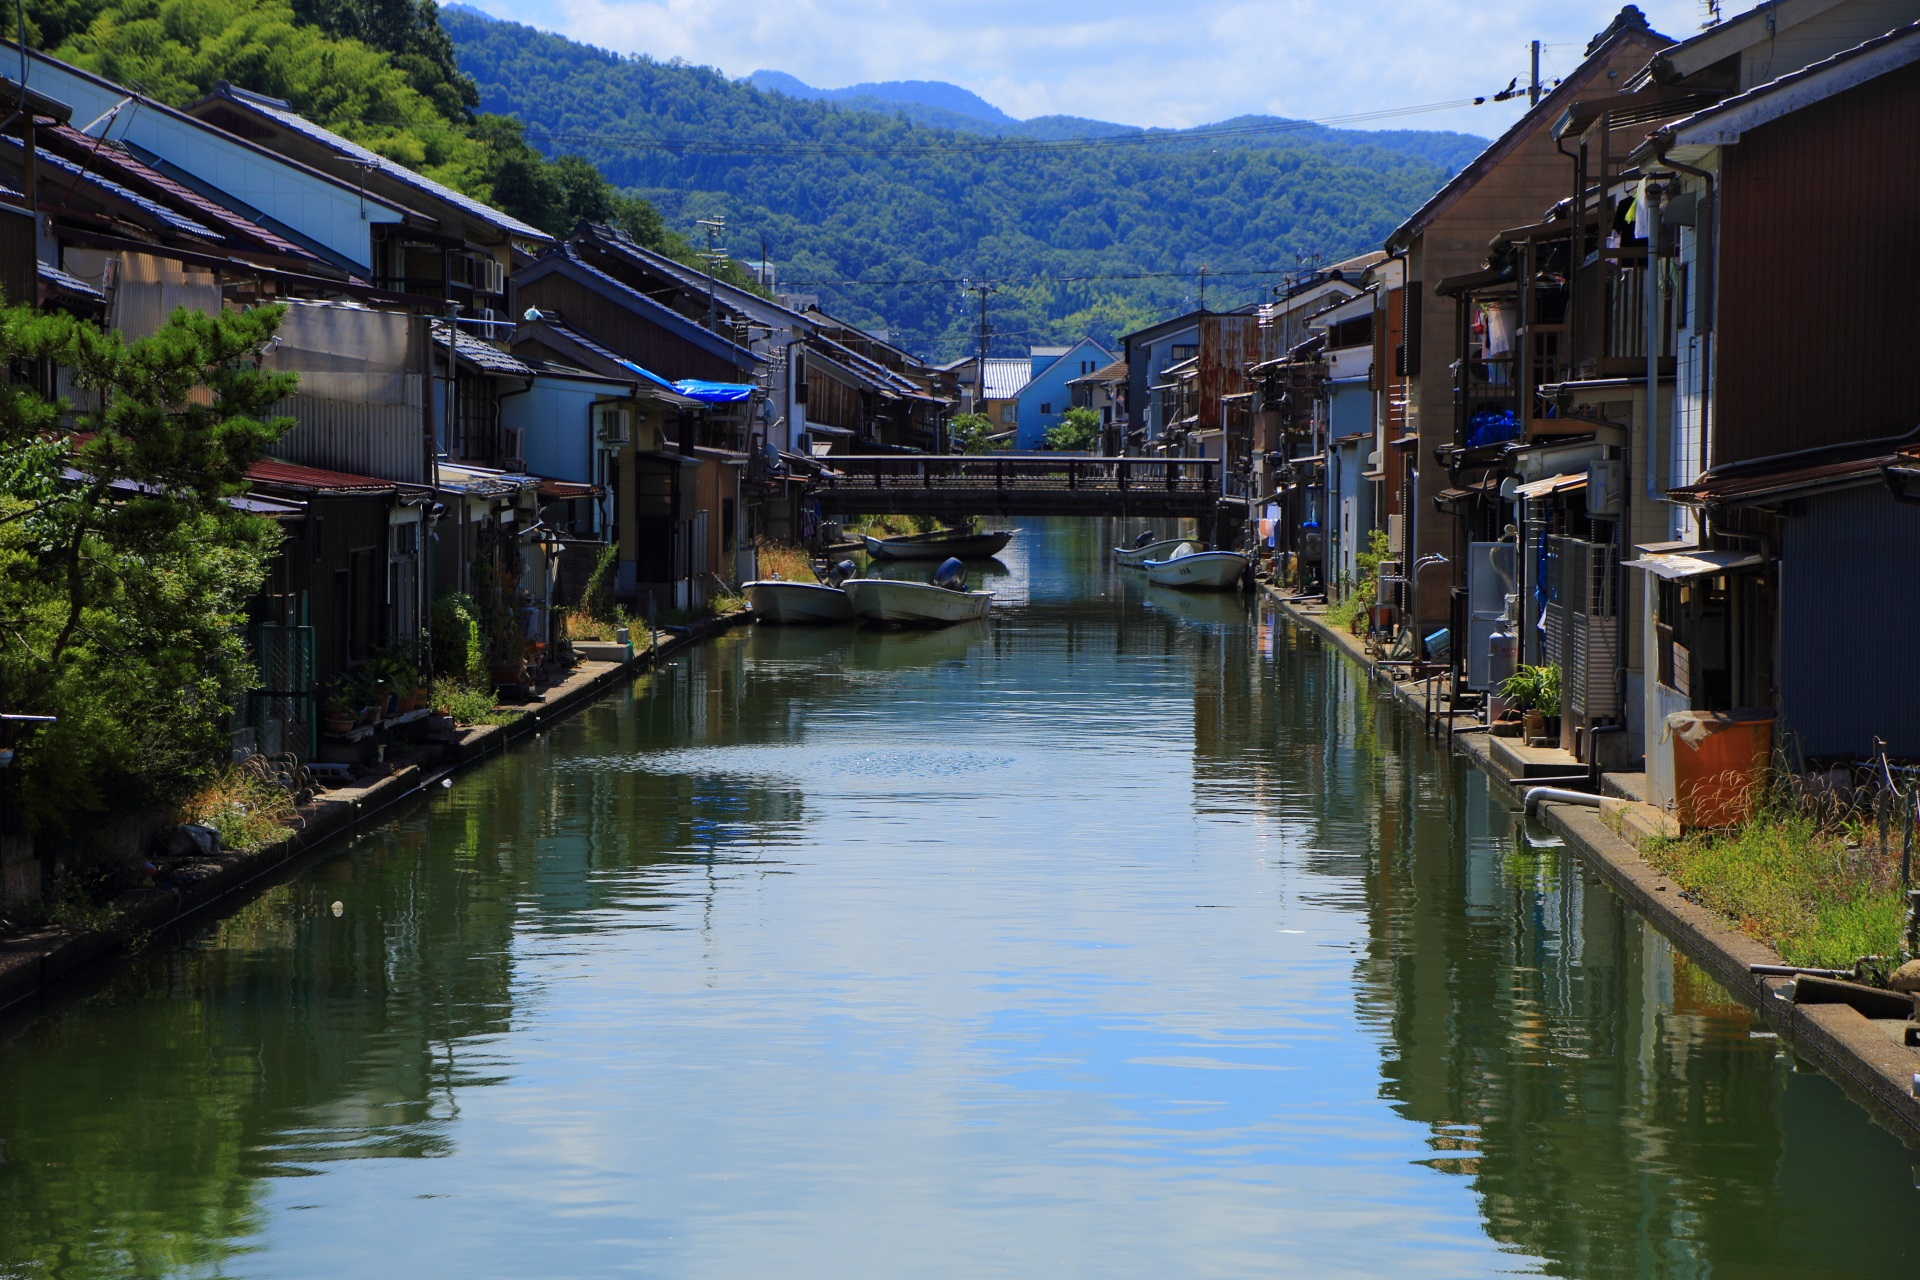 水無月橋から眺めた南方面(上流方面)の水面ギリギリに家が建ち並ぶ吉原入江